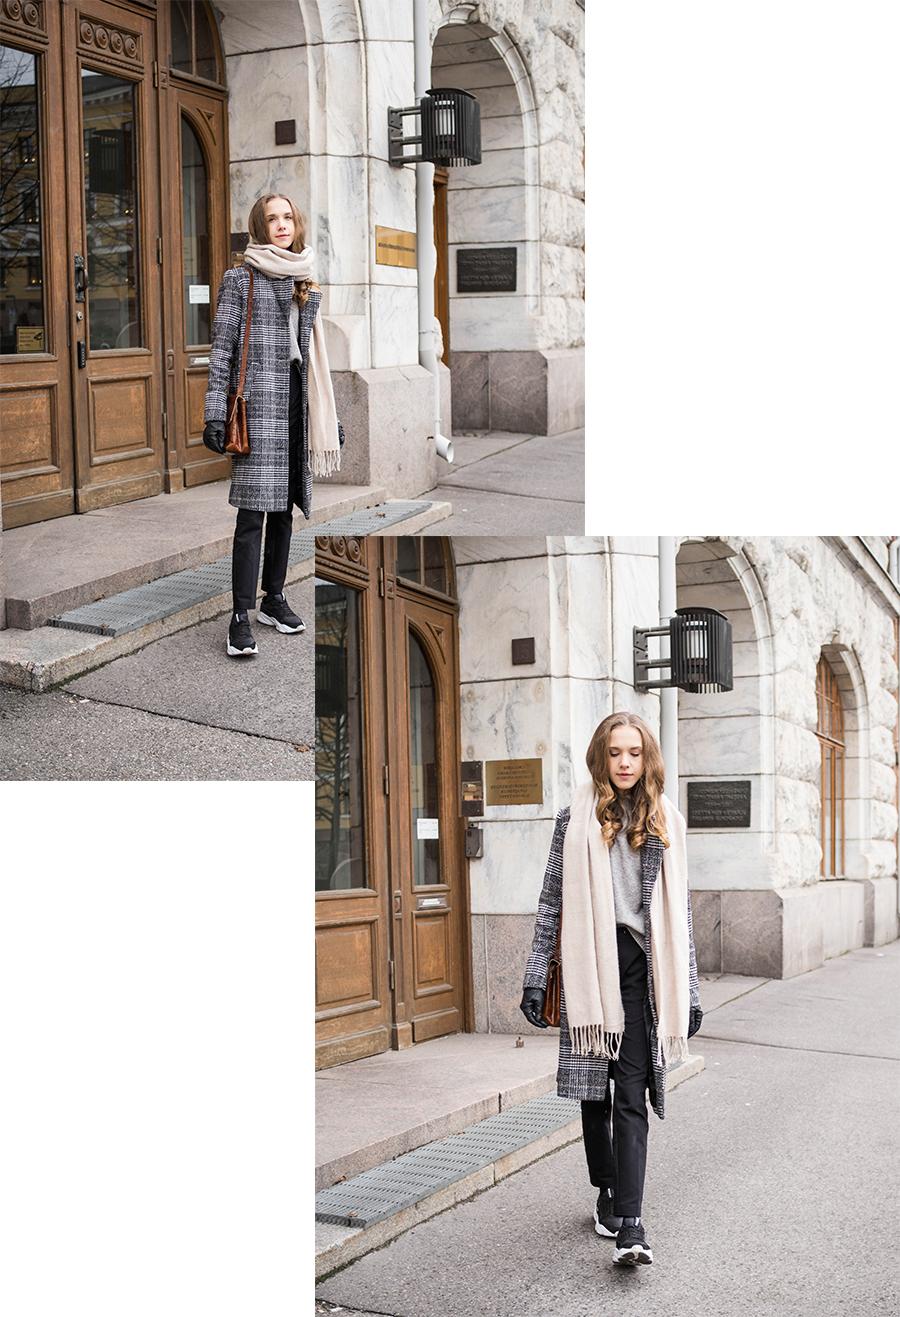 Harmaa ruututakki, suorat housut ja lenkkarit // Grey checked coat, tailored trousers and sneakers